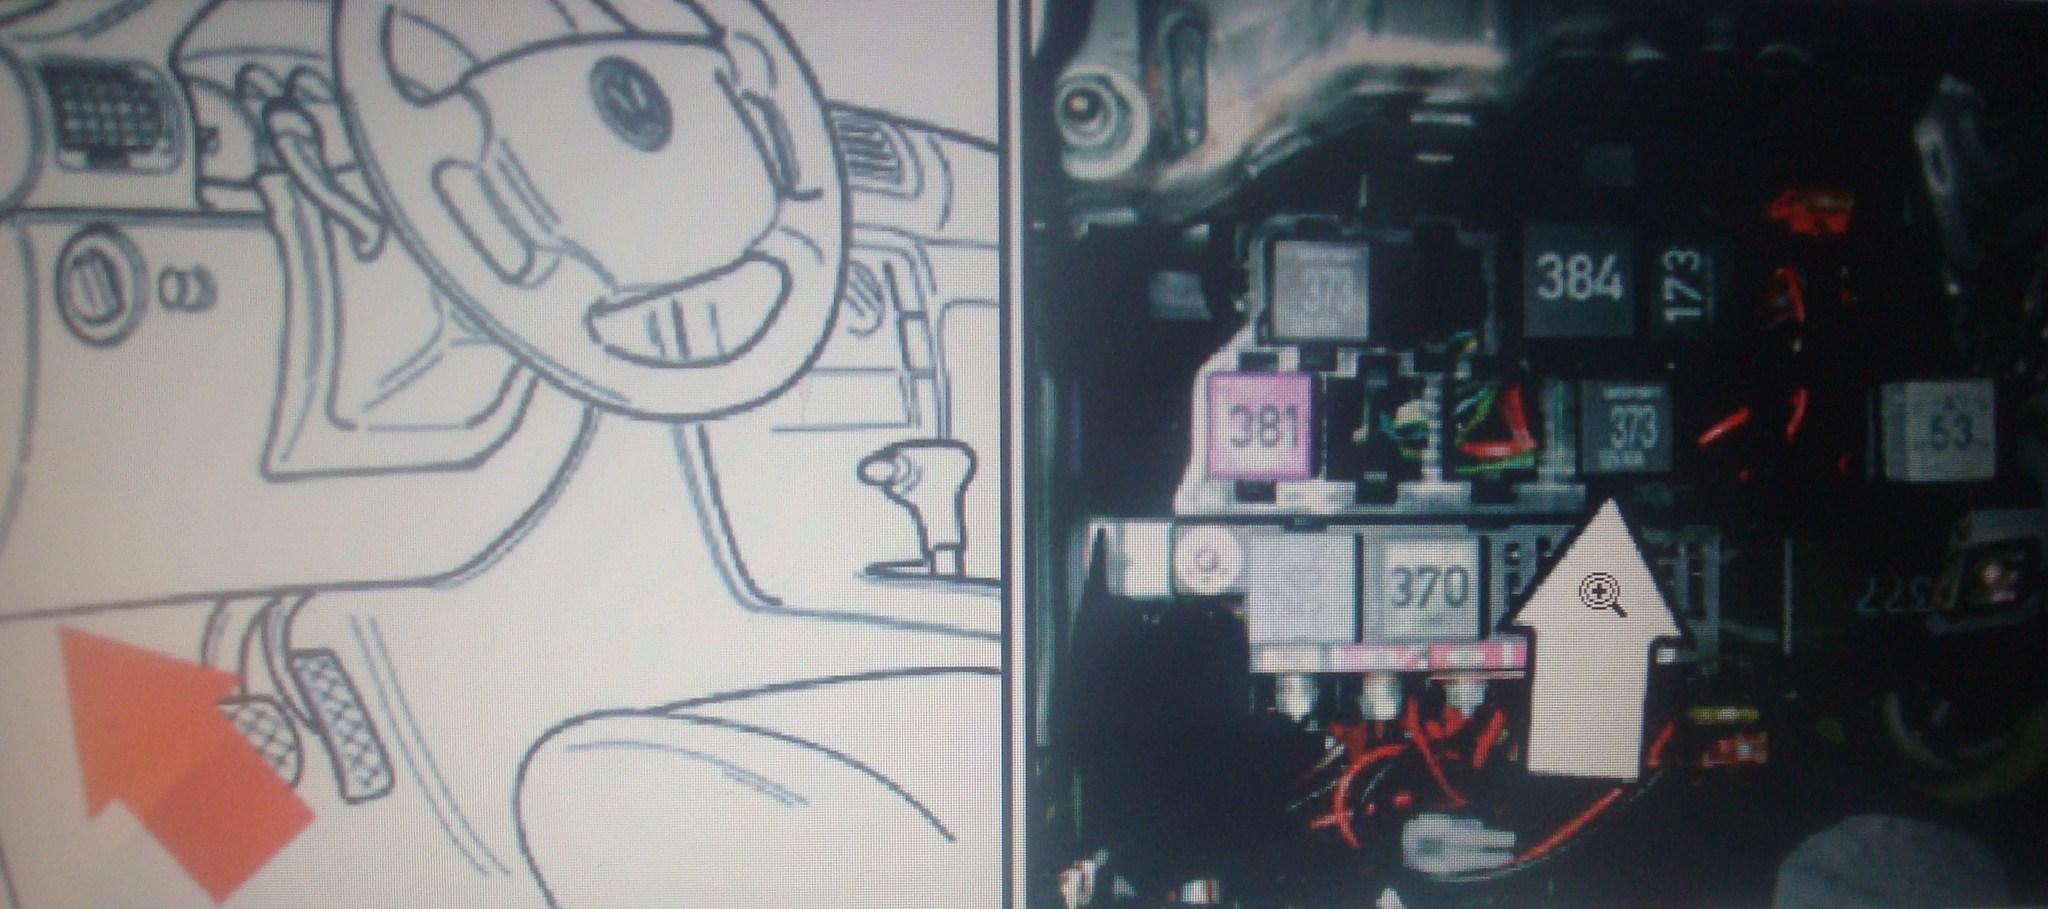 Vw Passat Fuel Pump Relay Location Image Details Fuse Diagram